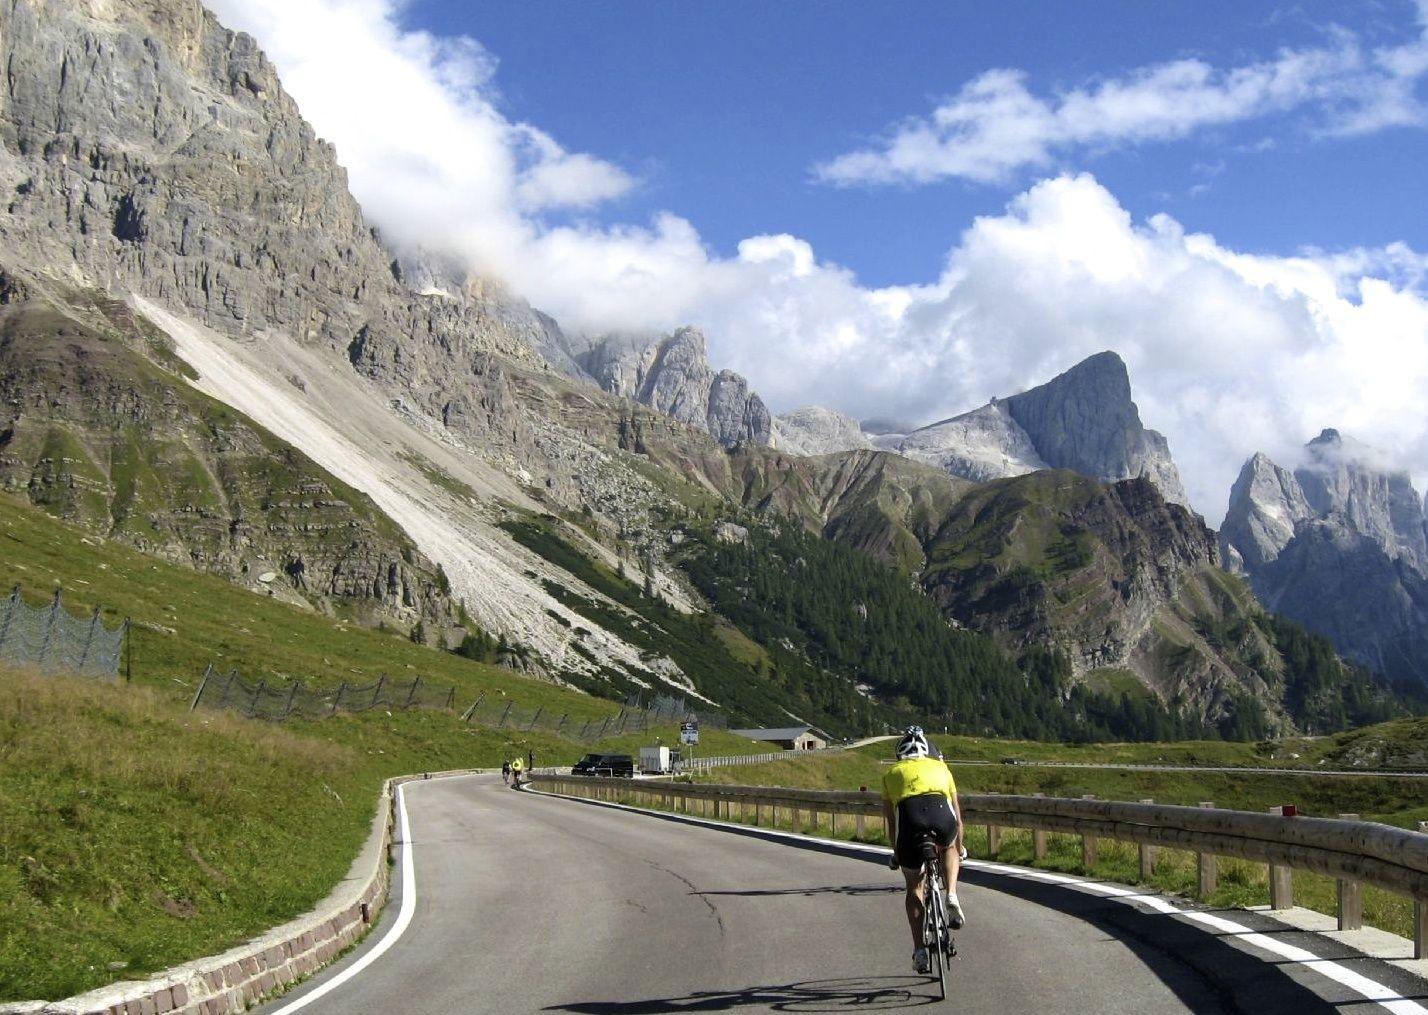 italiandolomites14.jpg - Italy - Italian Dolomites - Guided Road Cycling Holiday - Road Cycling